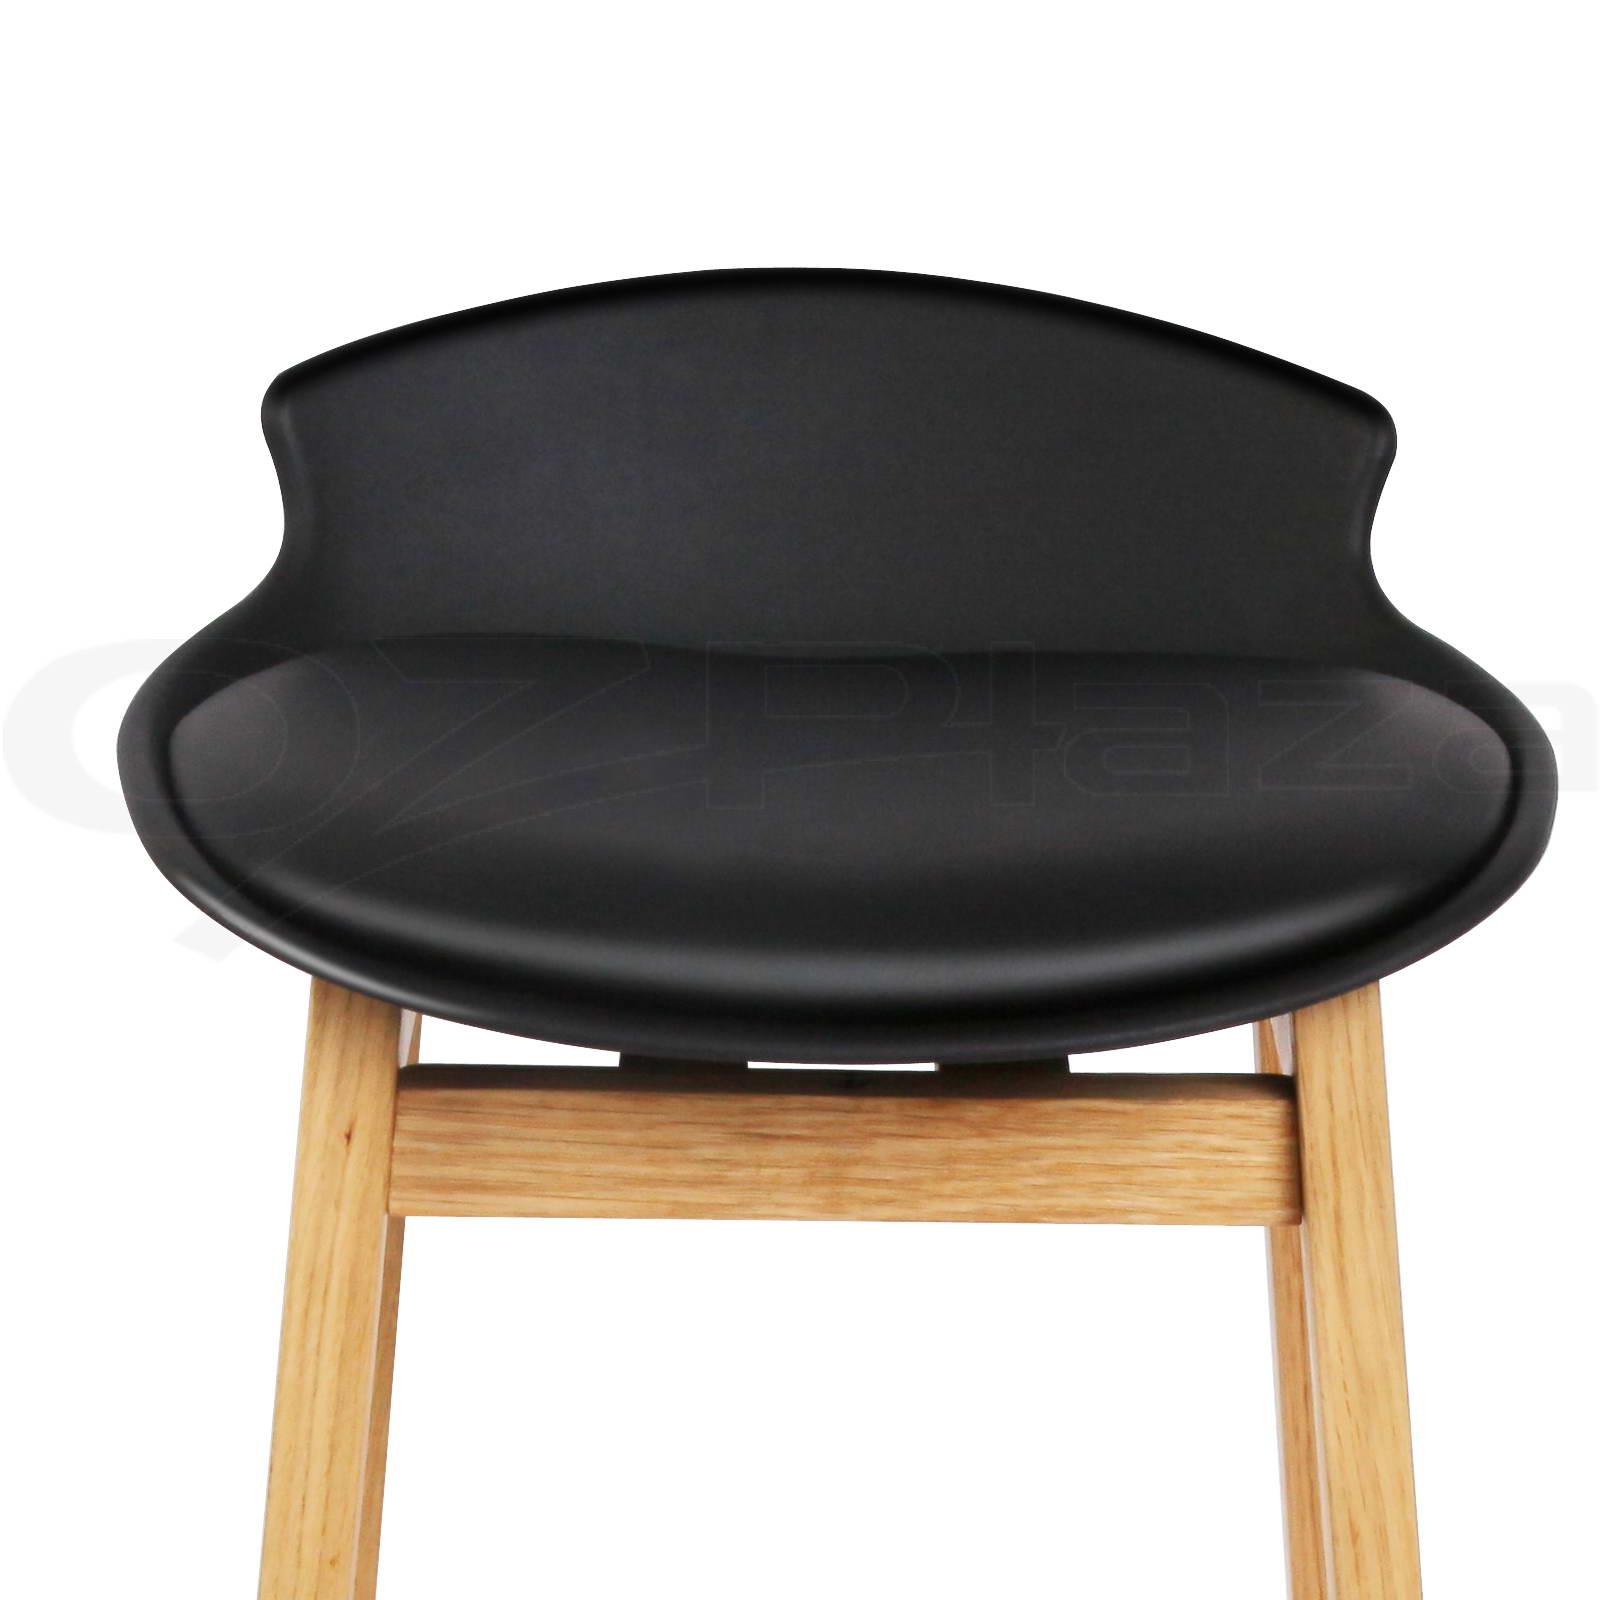 2x Oak Wood Bar Stools Wooden Barstool Dining Chairs  : BA F 3621 BKX2 P10 from www.ebay.com.au size 1600 x 1600 jpeg 126kB